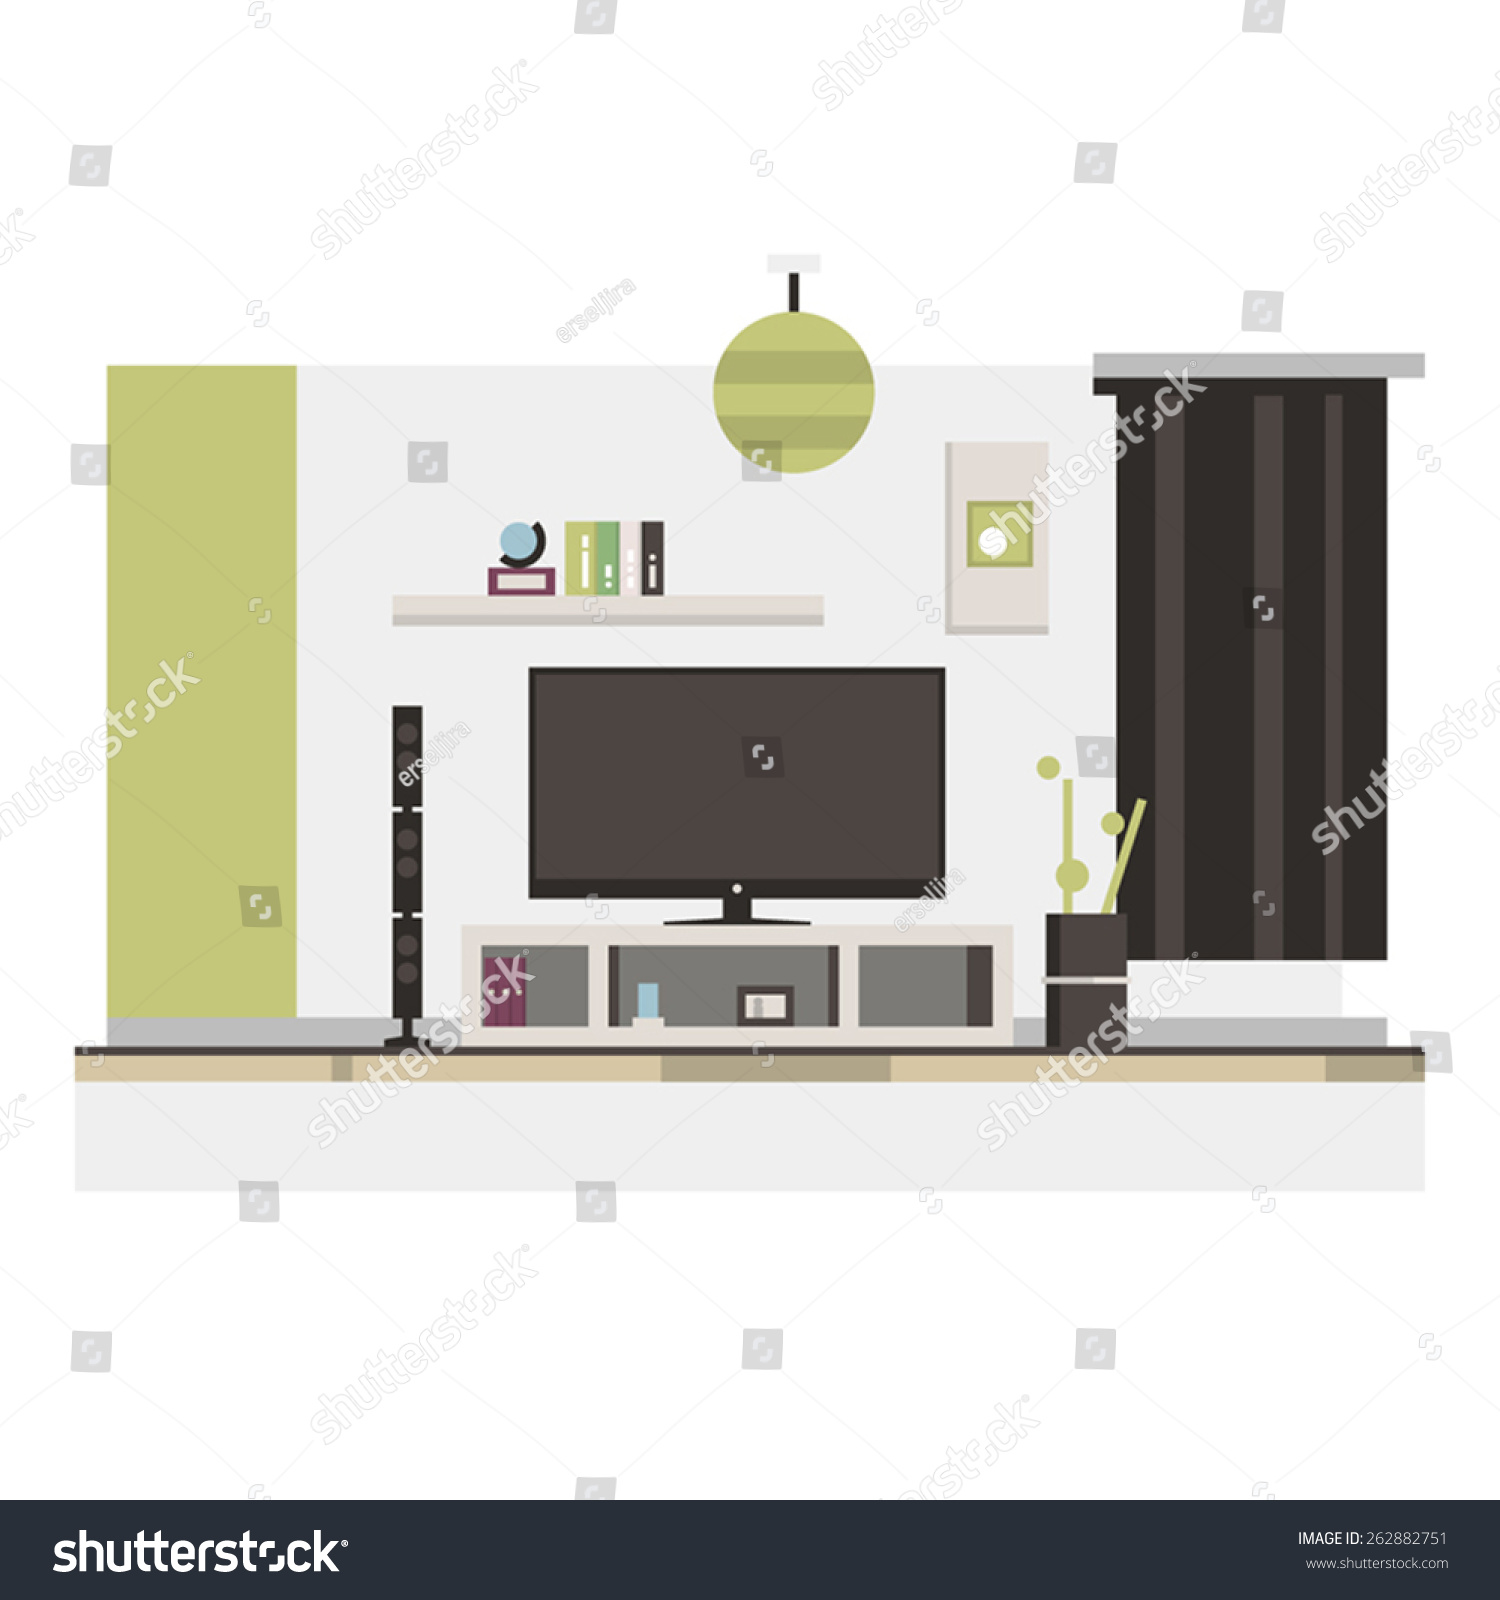 Modern Living Room Stock Vector 262882751 Shutterstock